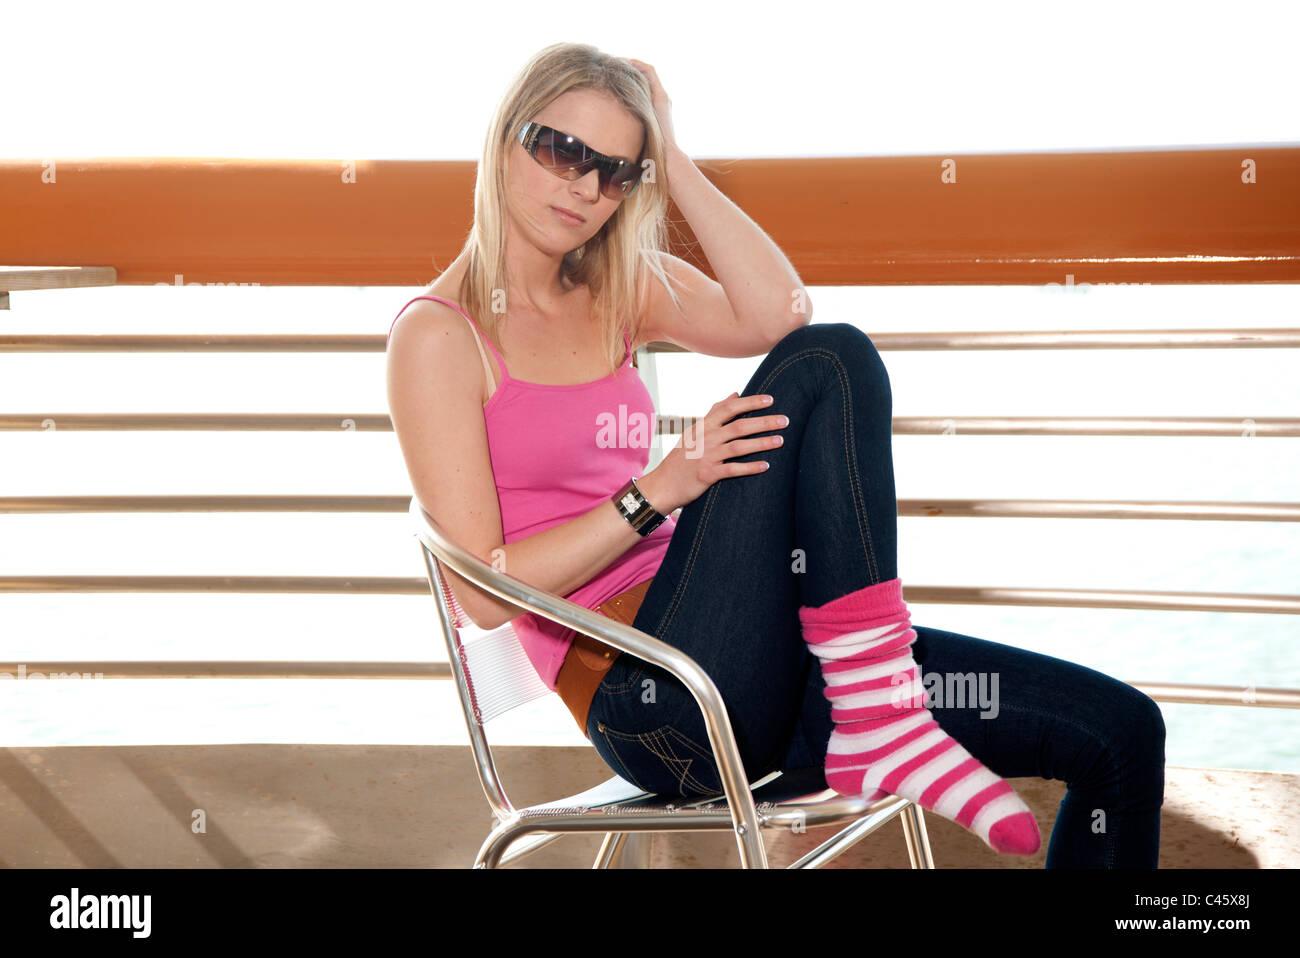 jeune femme assise sur une chaise avec une debout portant des lunettes de soleil sur le. Black Bedroom Furniture Sets. Home Design Ideas